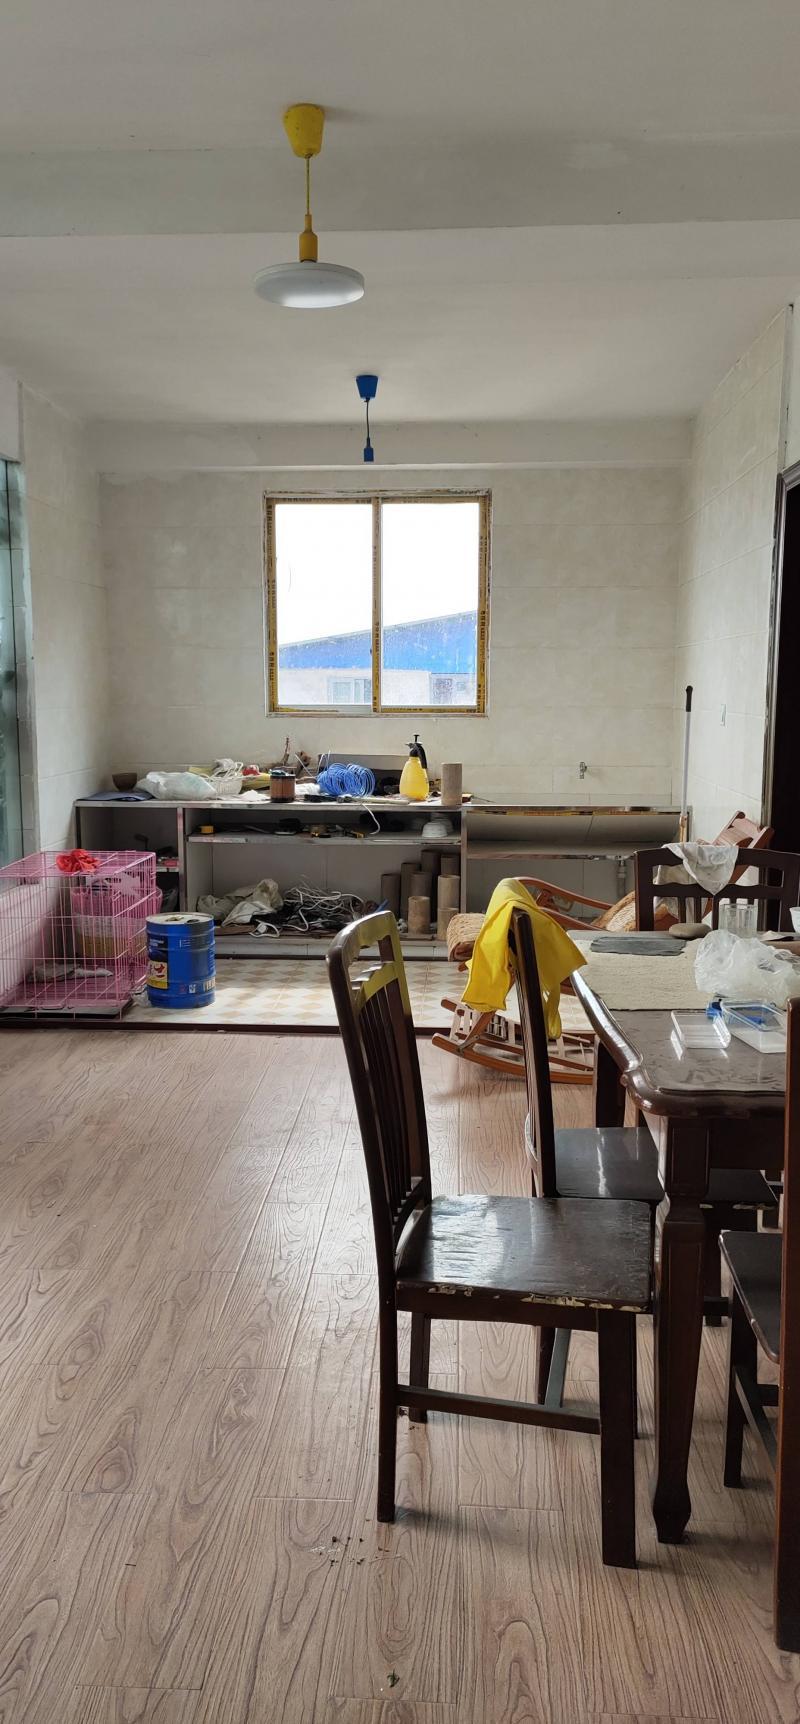 出售枇杷坪青龙石旁5室3厅2卫2厨带露台售33万